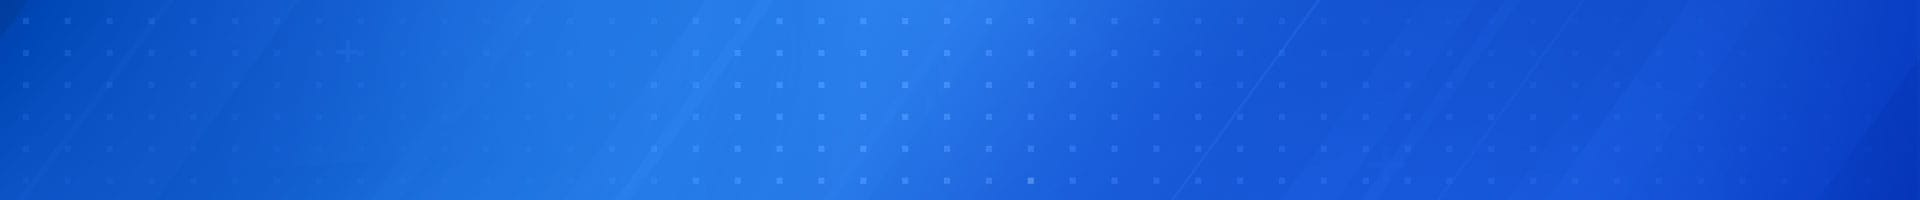 image-background-woo-blue